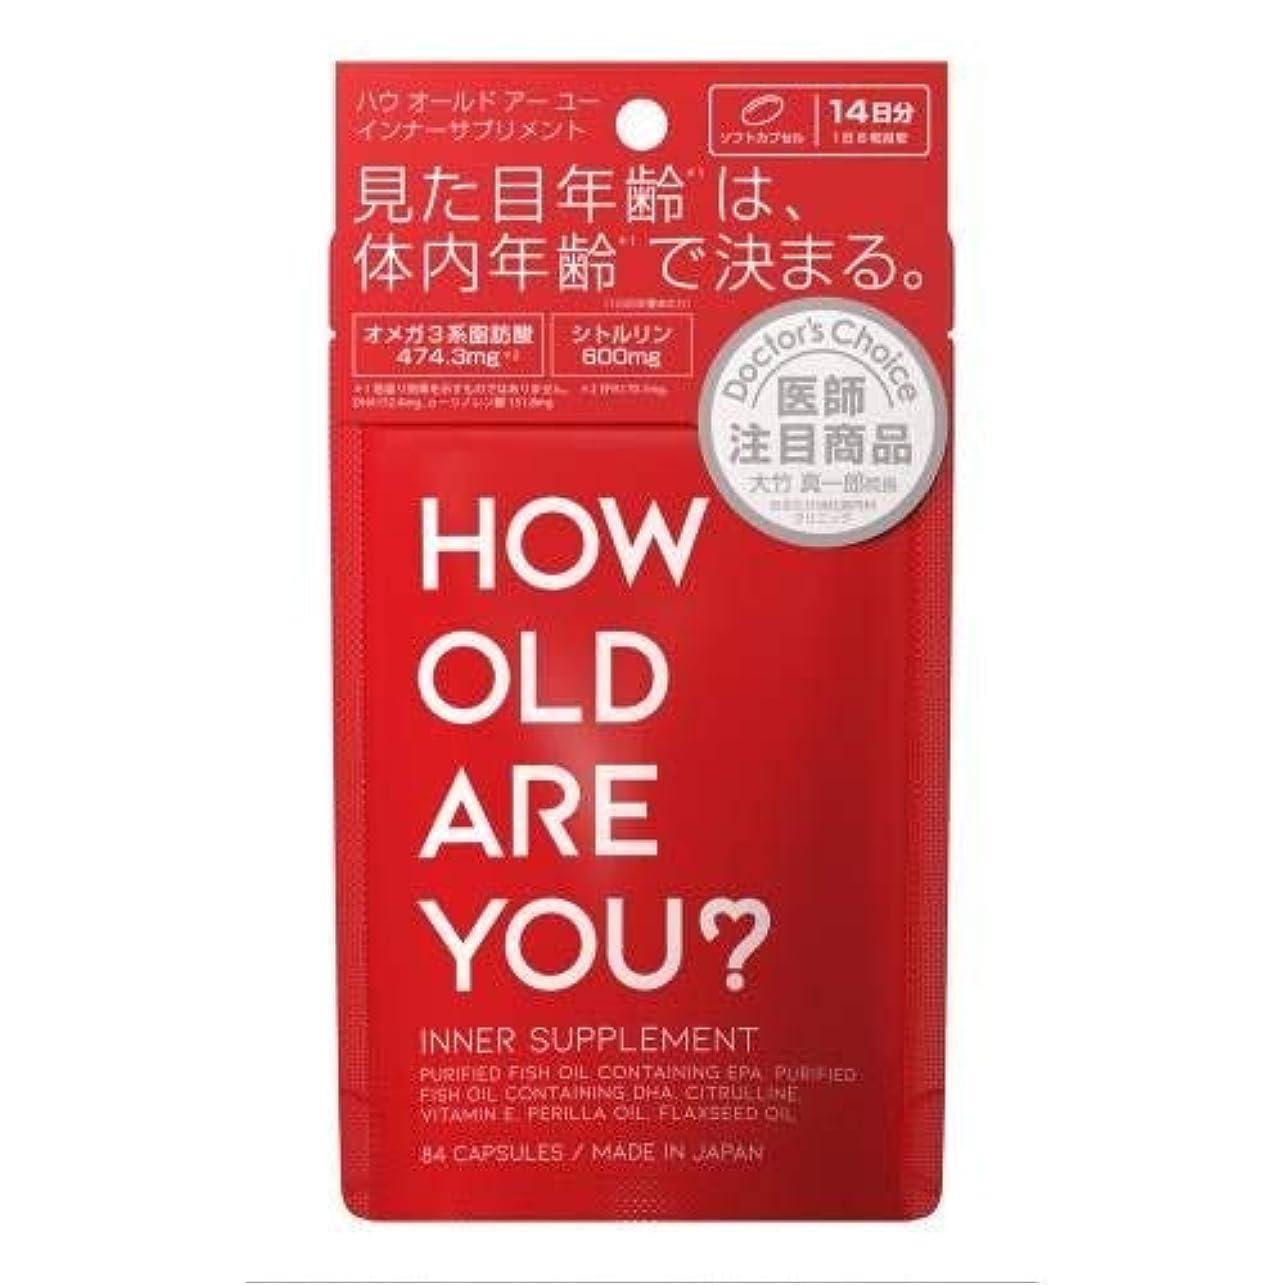 火星中間ハードウェア【6個セット】HOW OLD ARE YOU?インナーサプリメント 84粒